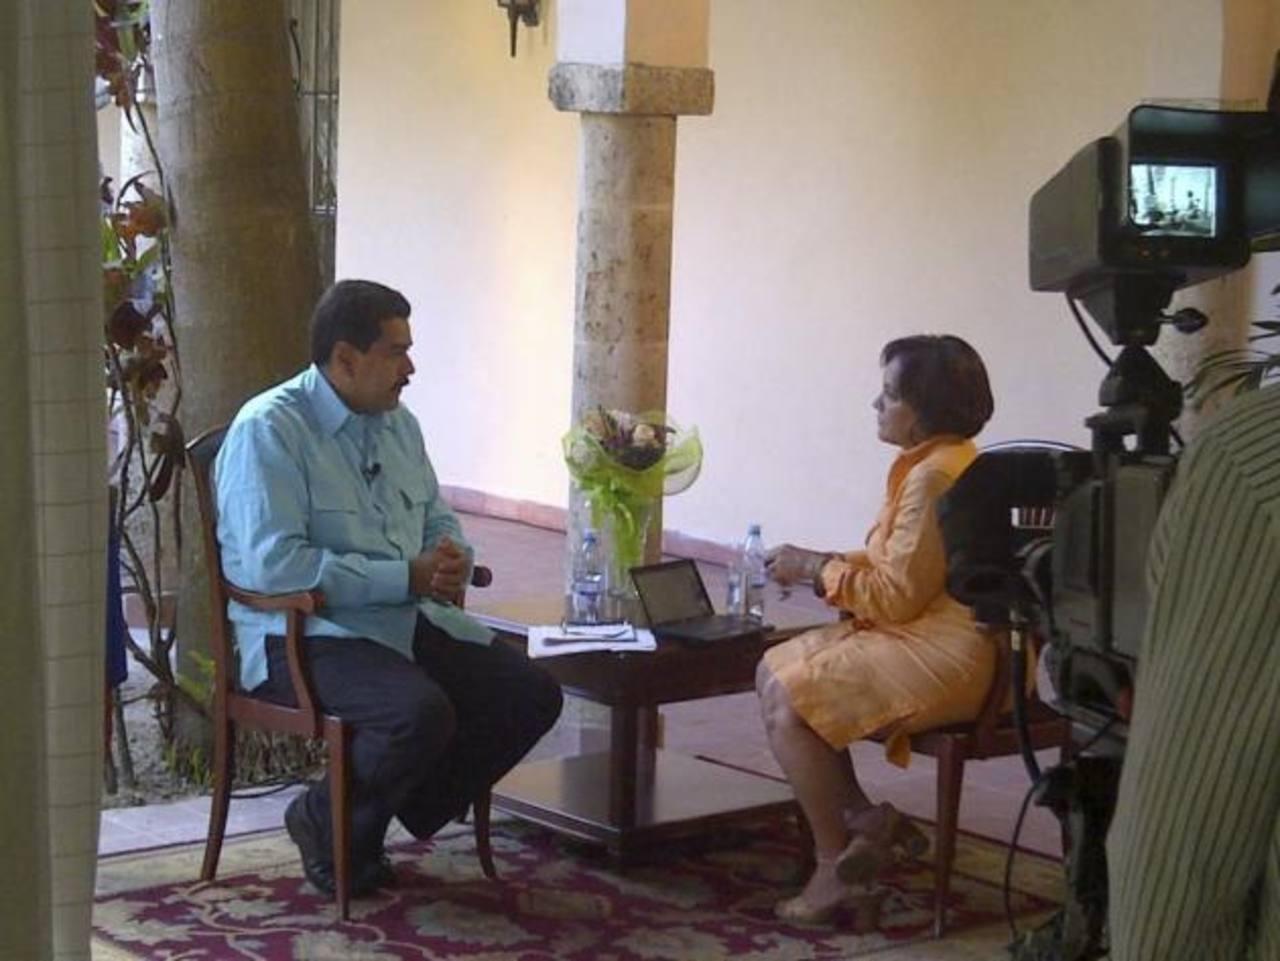 El vicepresidente de Venezuela, Nicolás Maduro durante entrevista con Telesur en La Habana.